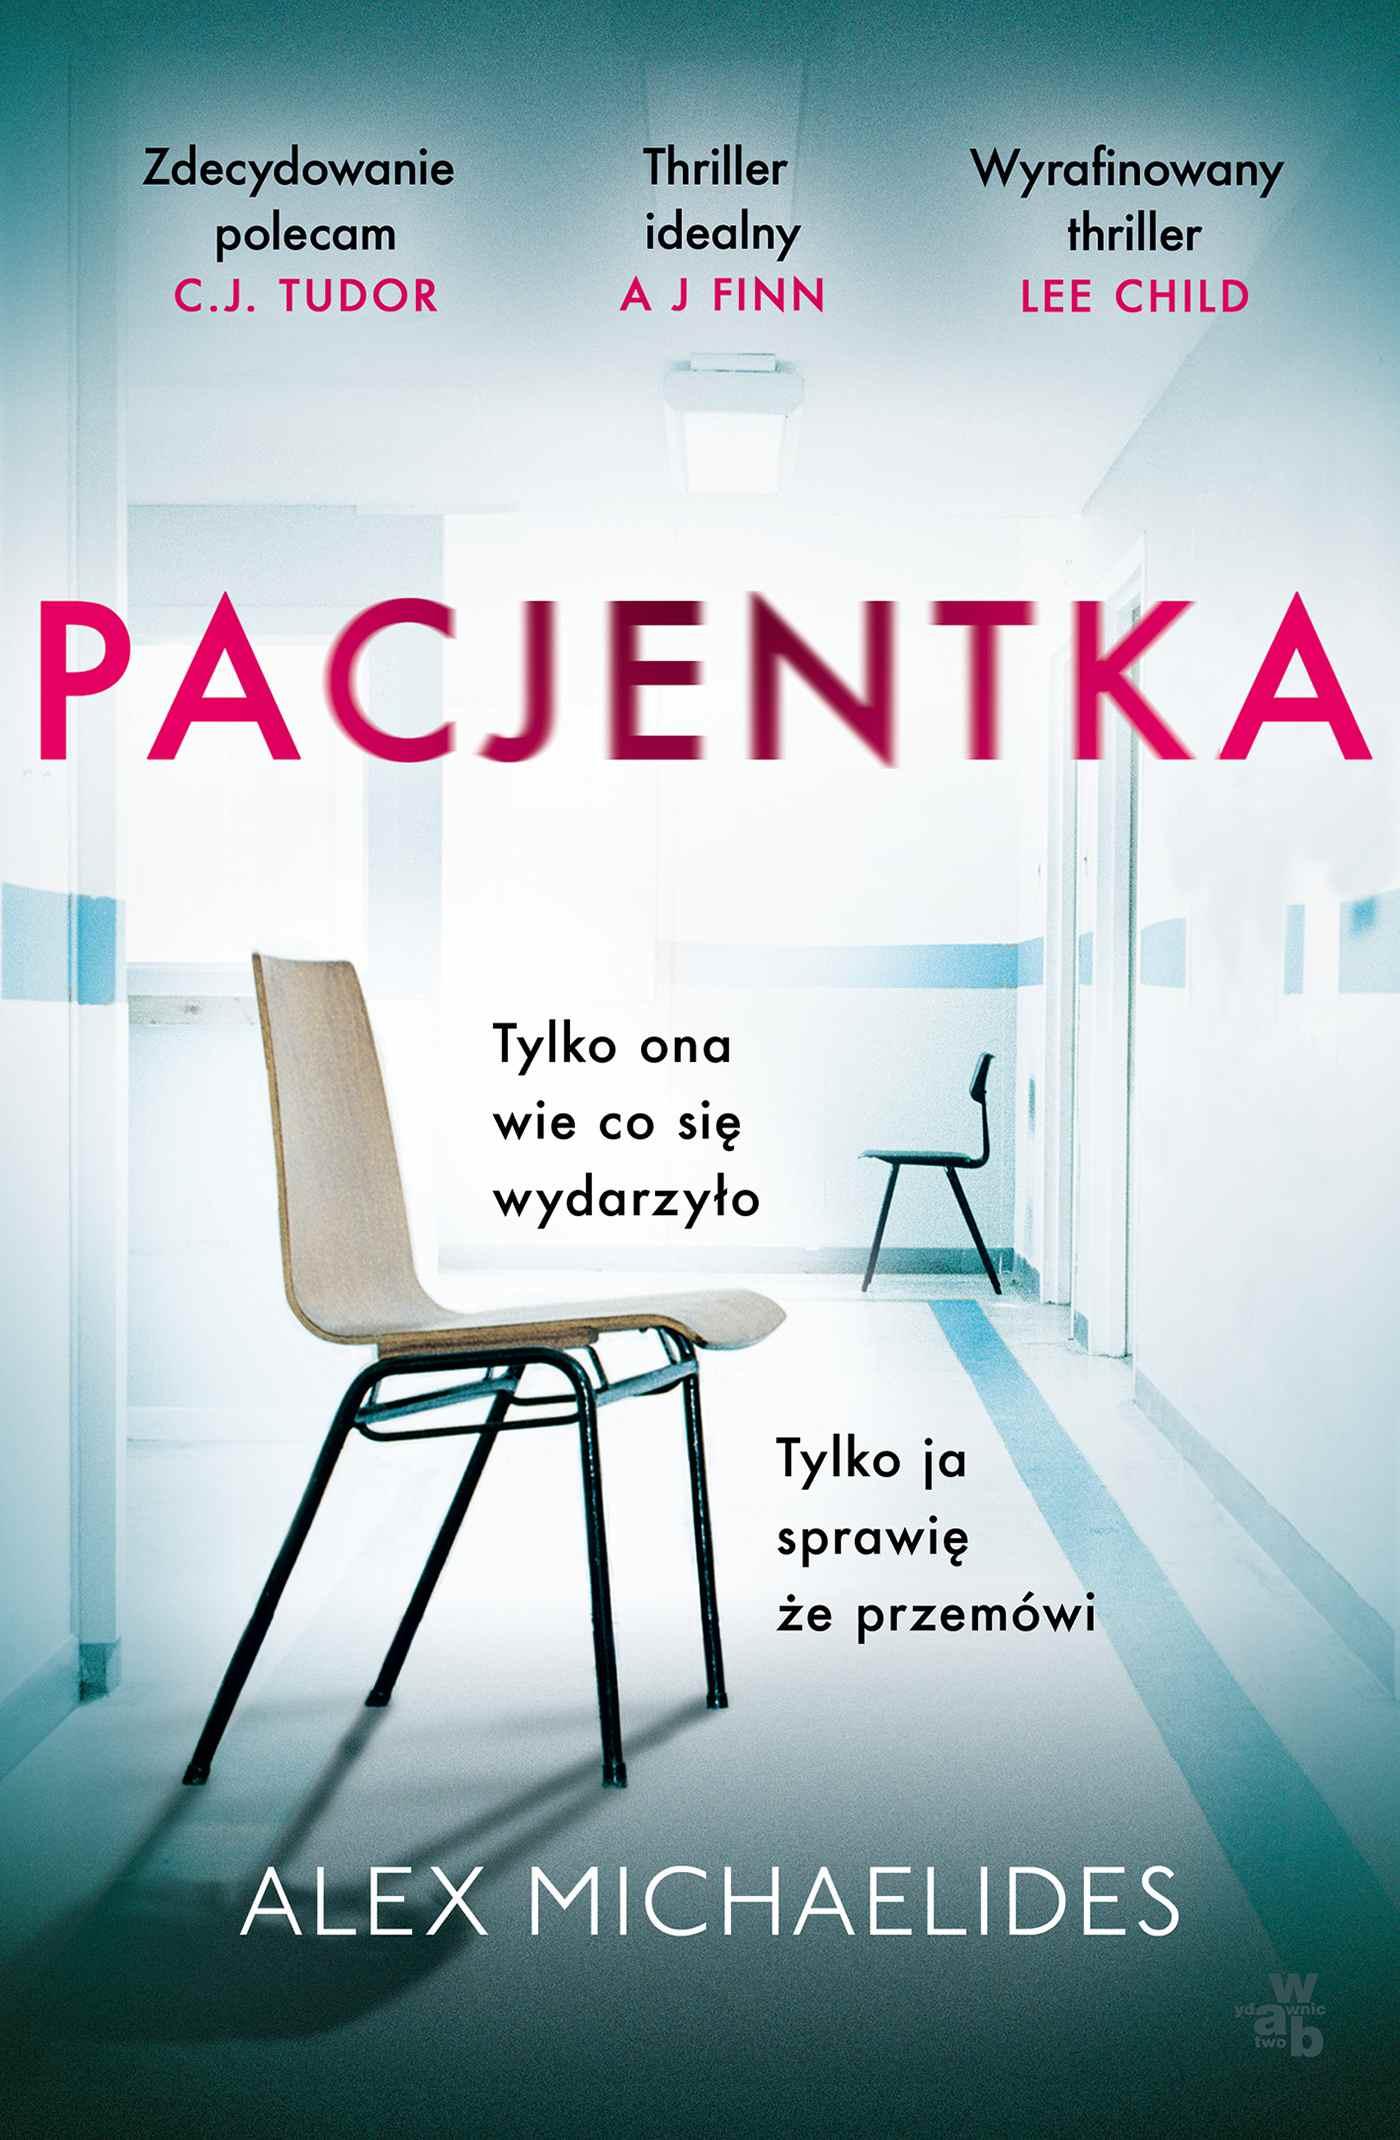 Pacjentka - Ebook (Książka EPUB) do pobrania w formacie EPUB